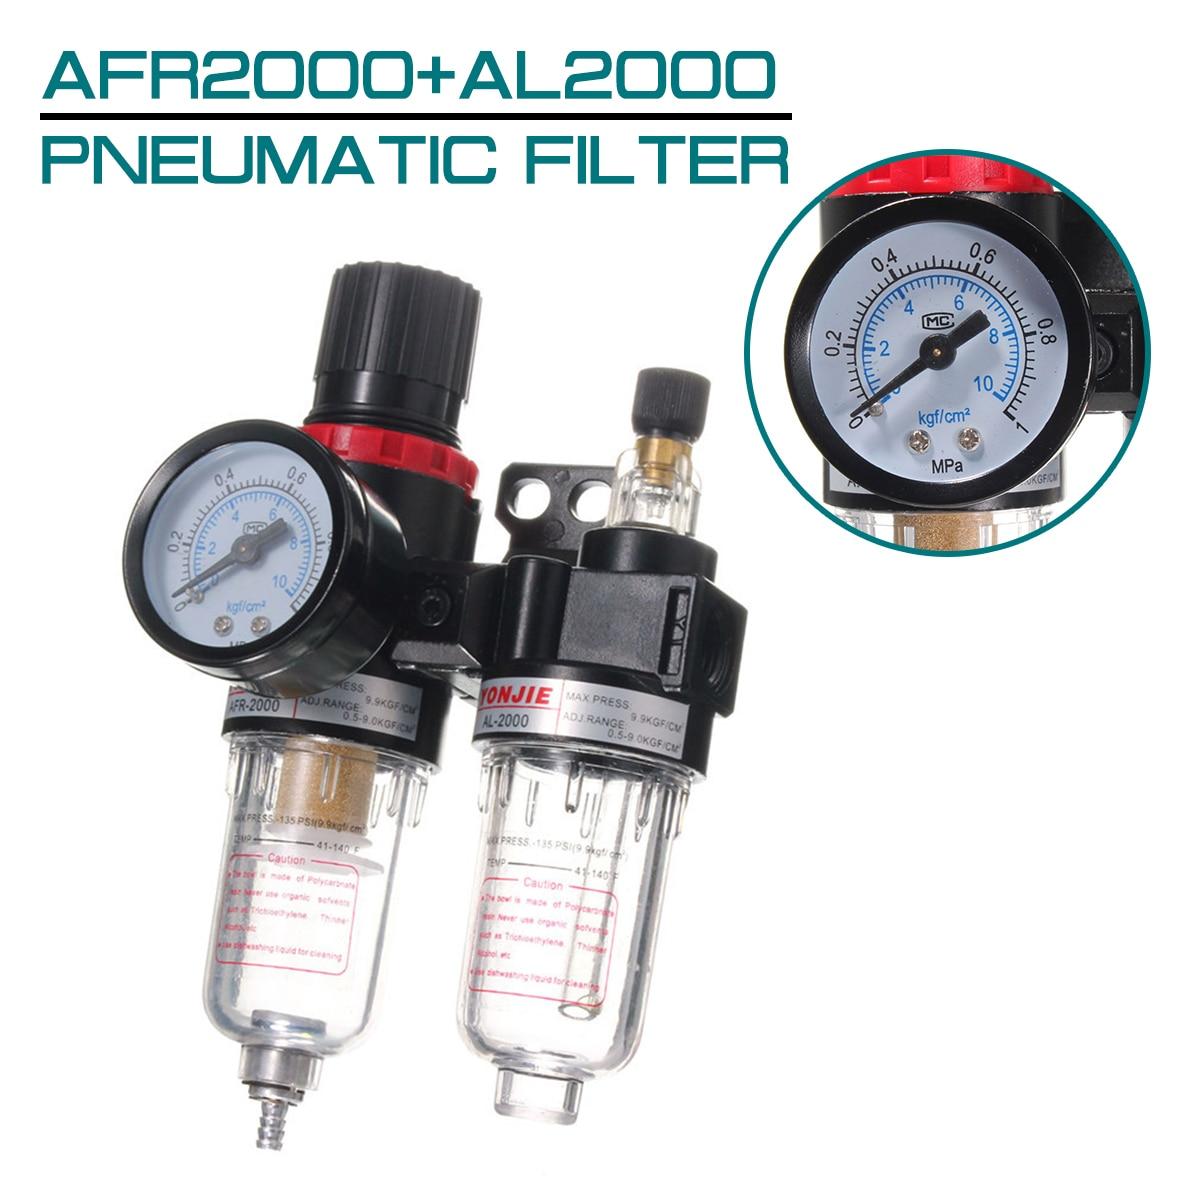 AFR2000+AL2000 Pneumatic Filter Compressor Reducing Valve Oil Water Separation Gauge G1/4